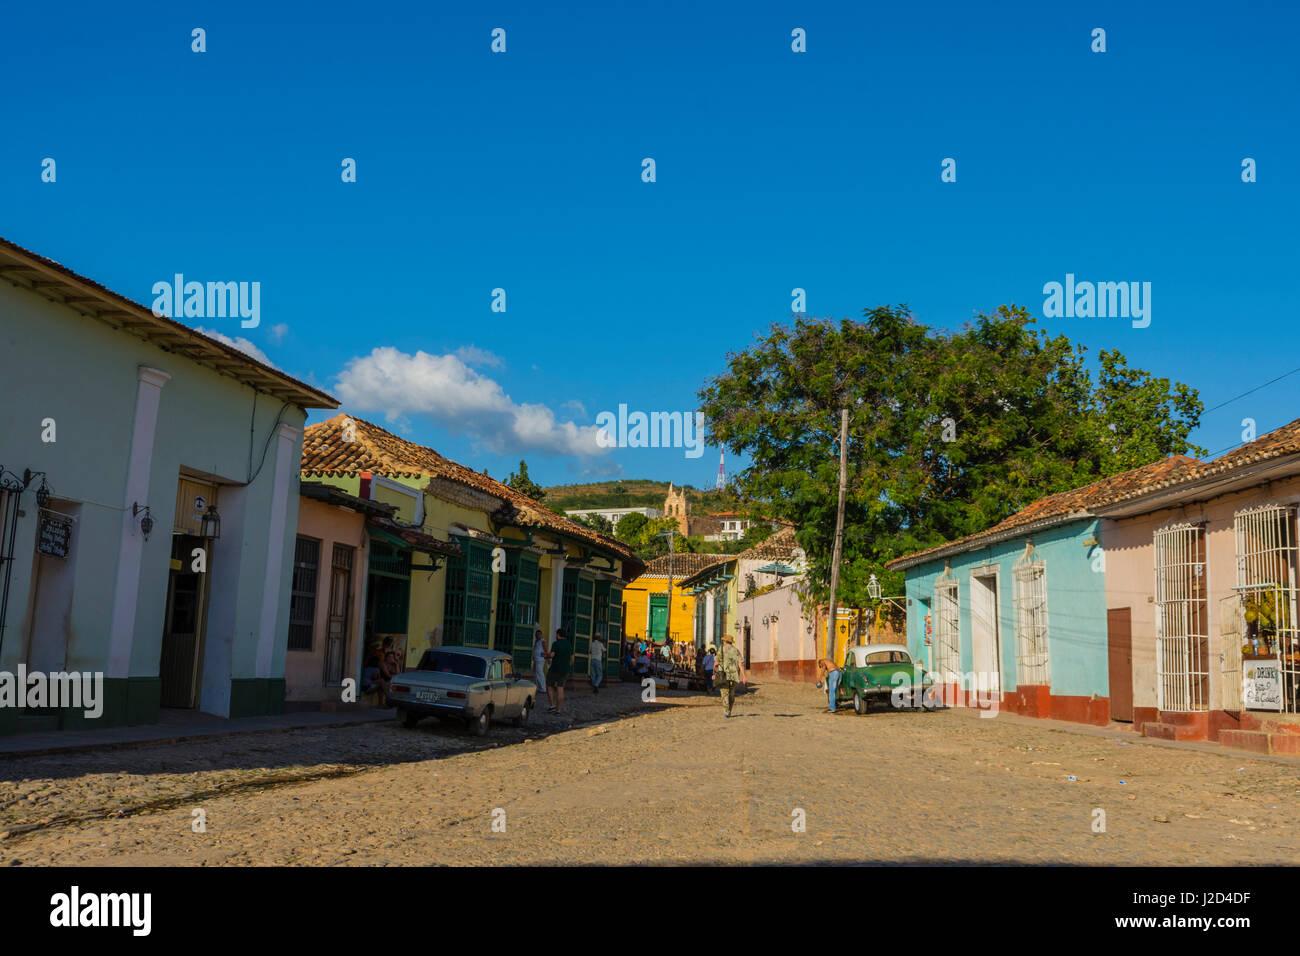 Kuba. Provinz Sancti Spiritus. Trinidad. Gepflasterten Gassen mit ihren bunten Häusern. Stockbild